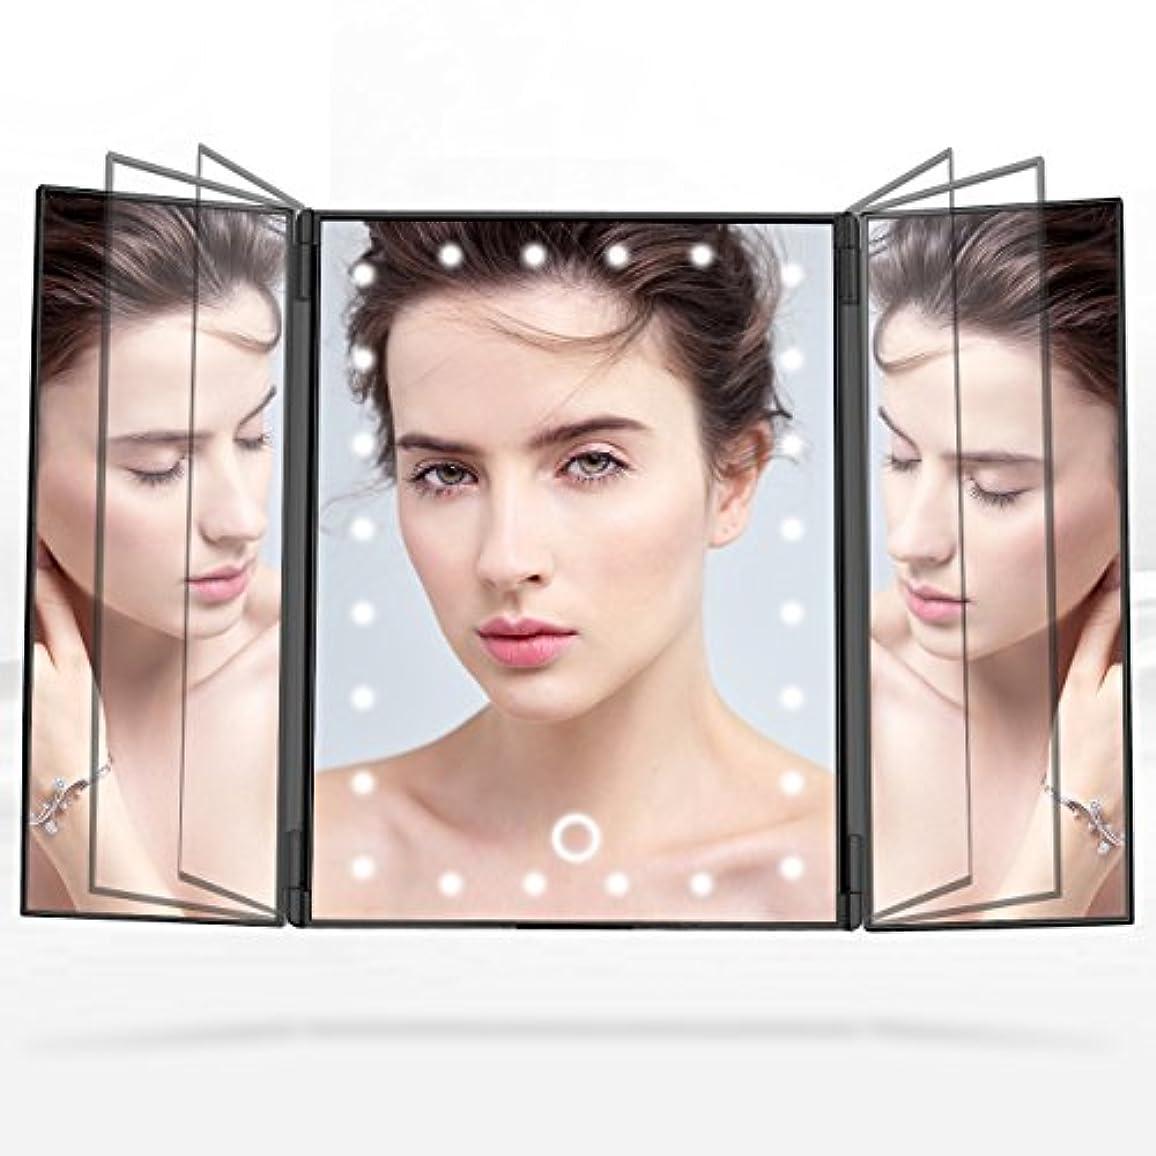 ブームハリケーンブームTelustyle 化粧鏡 卓上ミラー三面鏡 LED付き折りたたみ式 明るさ調整可能 ブラック